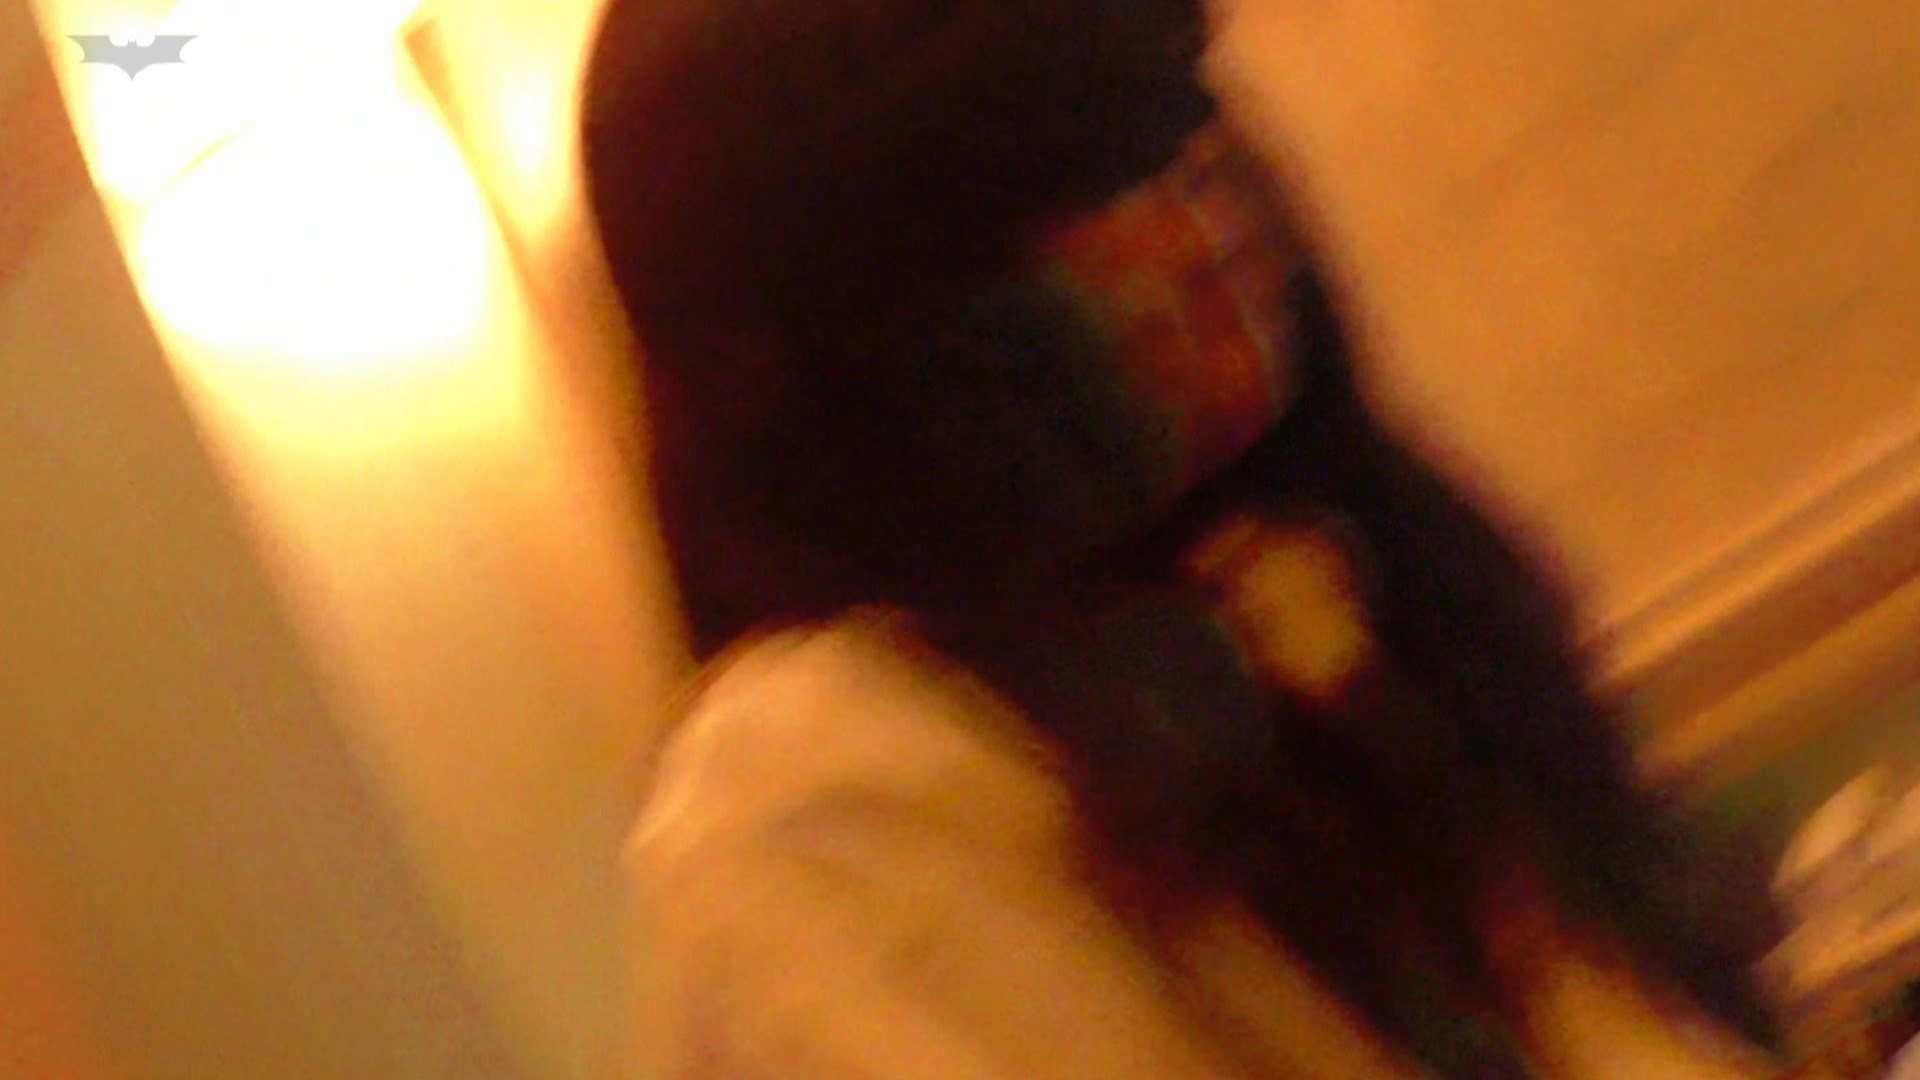 内緒でデリヘル盗撮 Vol.01前編 えっろいデリ嬢がチュパチュパごっくん! 0  50連発 15